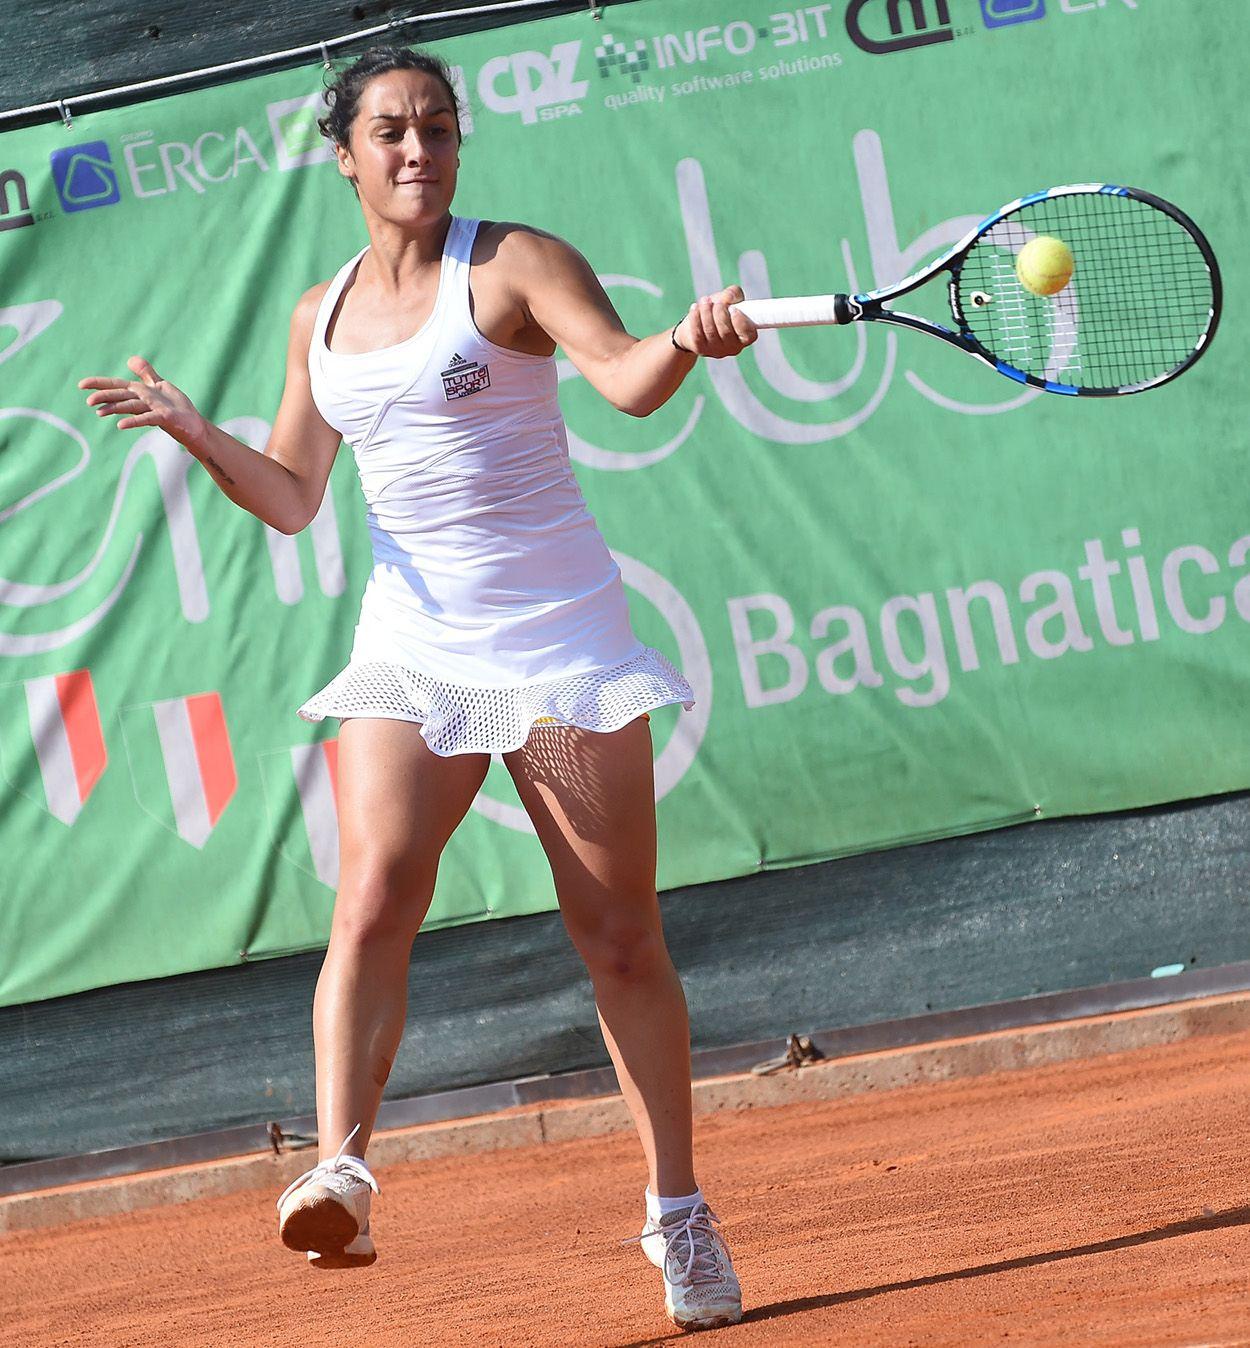 Martina Trevisan, fiorentina classe 1993, è numero 147 Wta. Tornerà a Bagnatica per difendere il titolo del 2016 - Foto San Marco